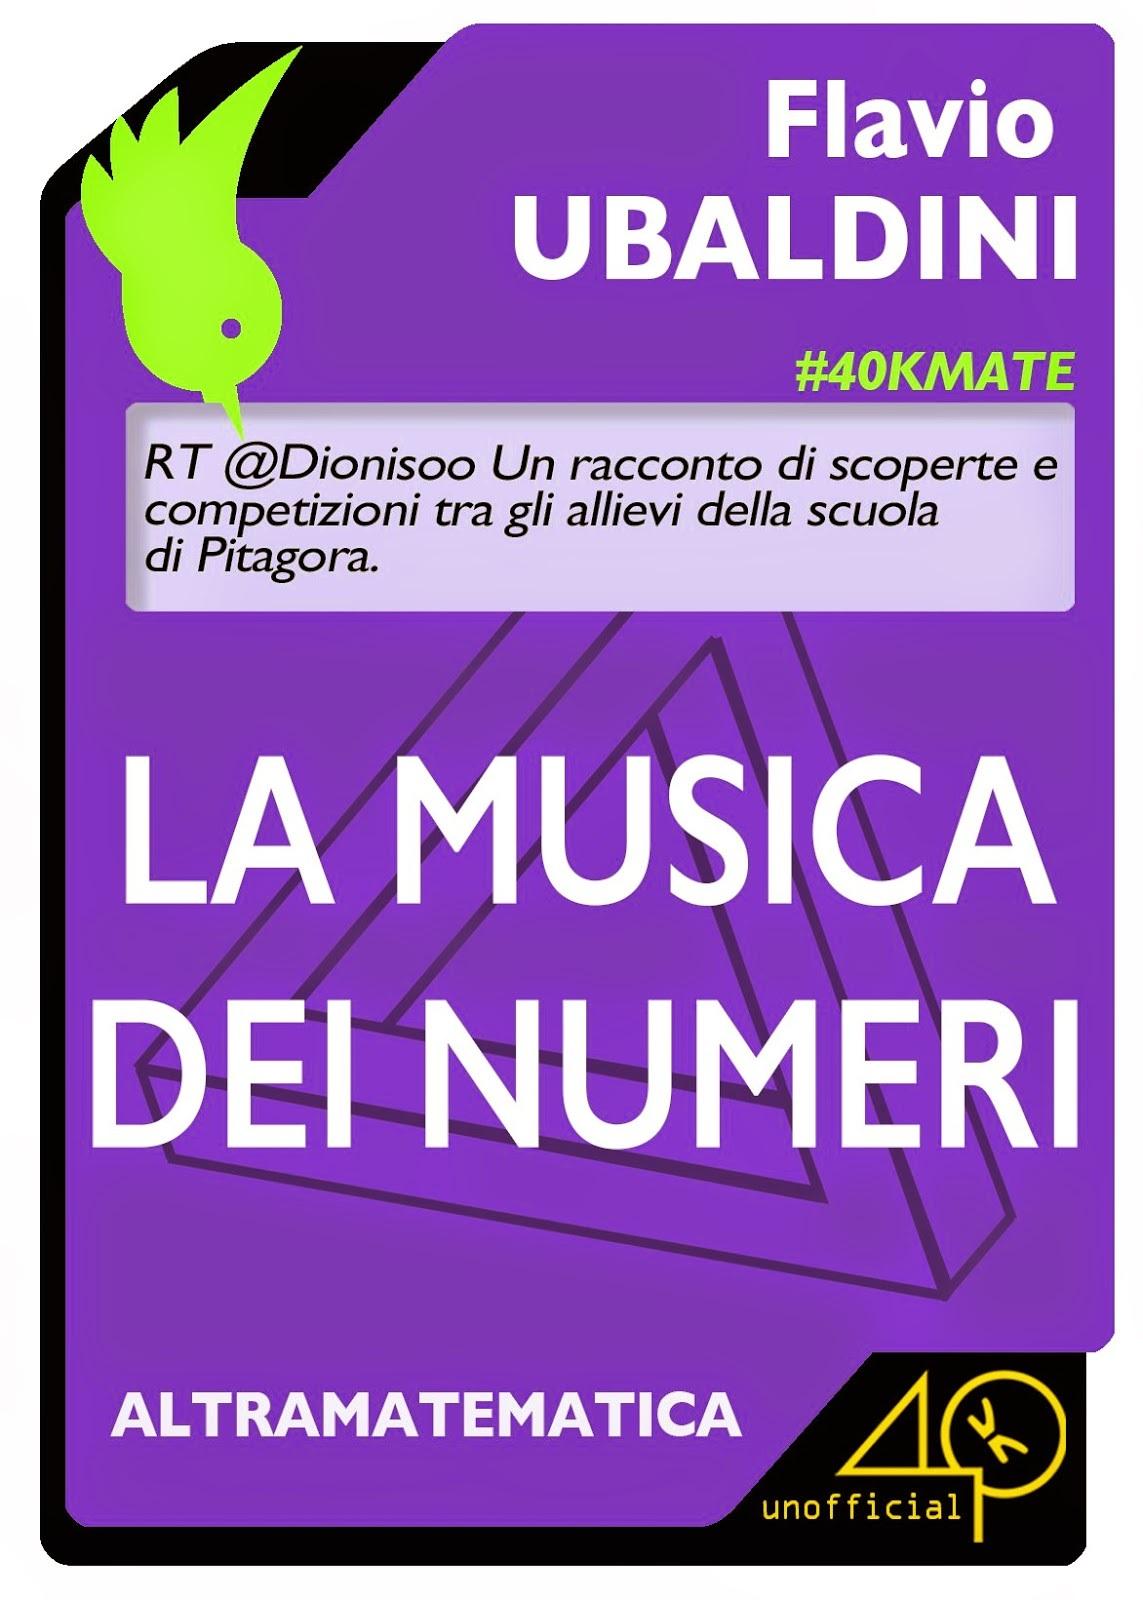 La musica dei numeri